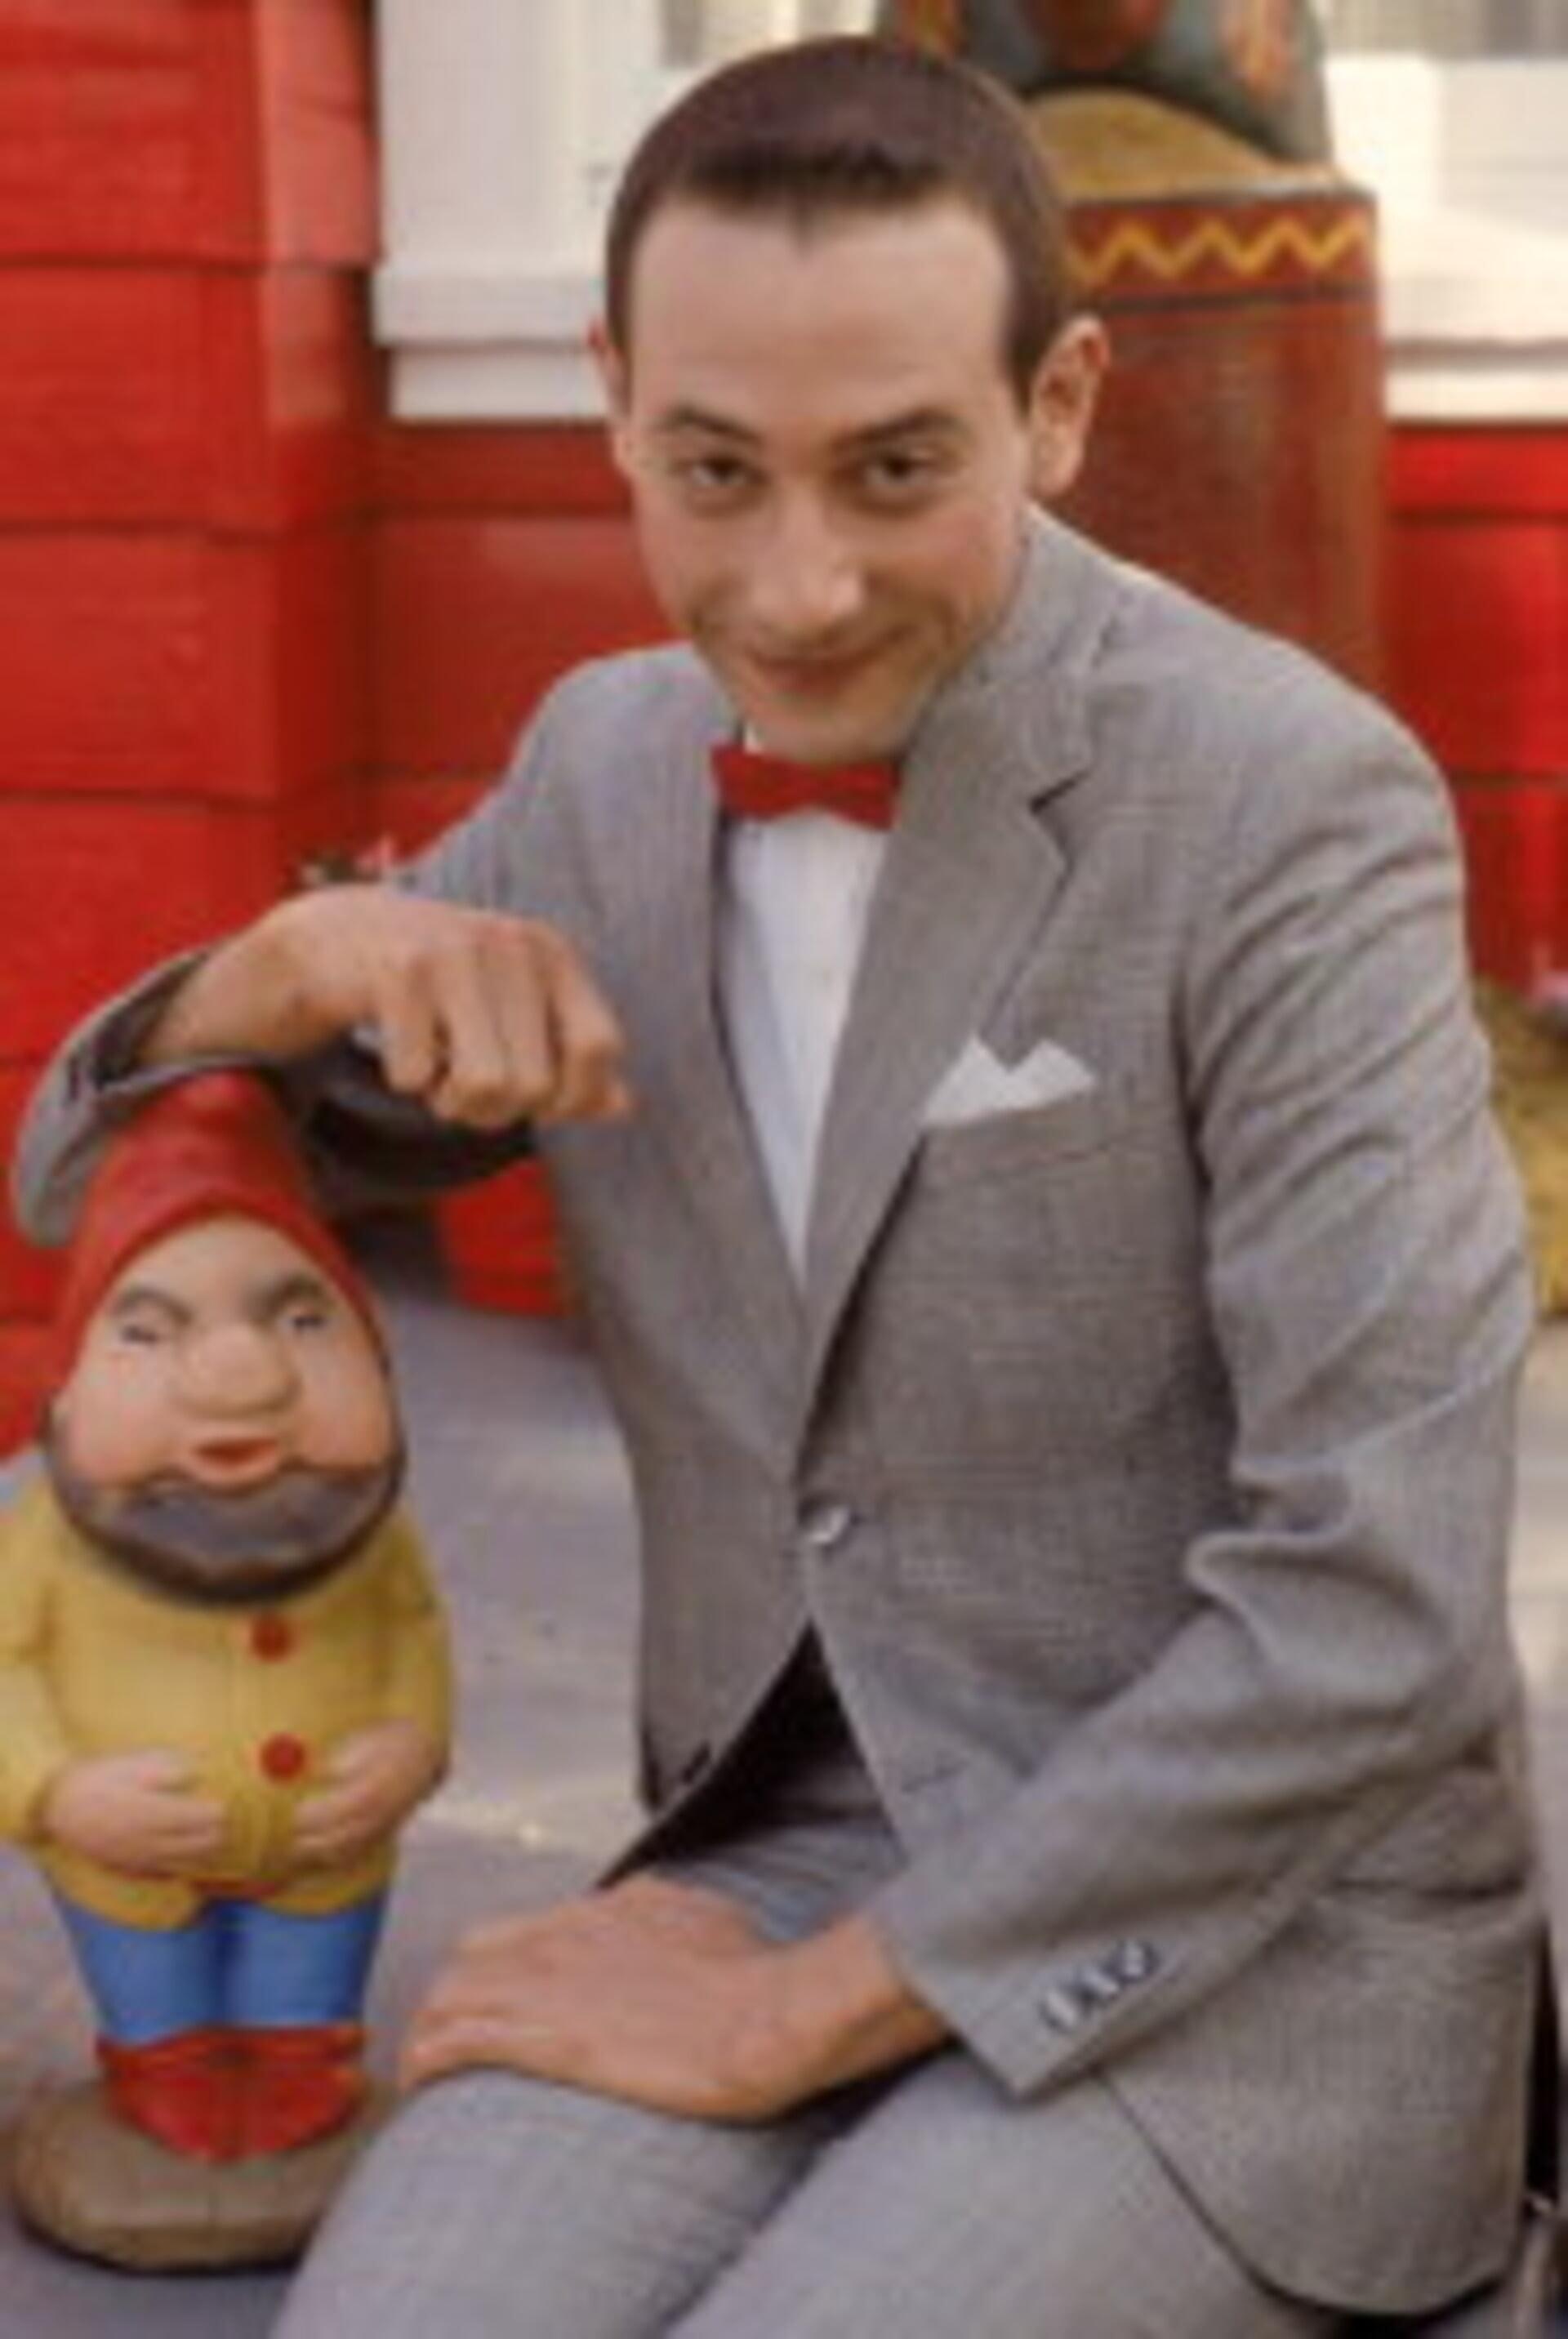 Pee-wee's Big Adventure - Image 5